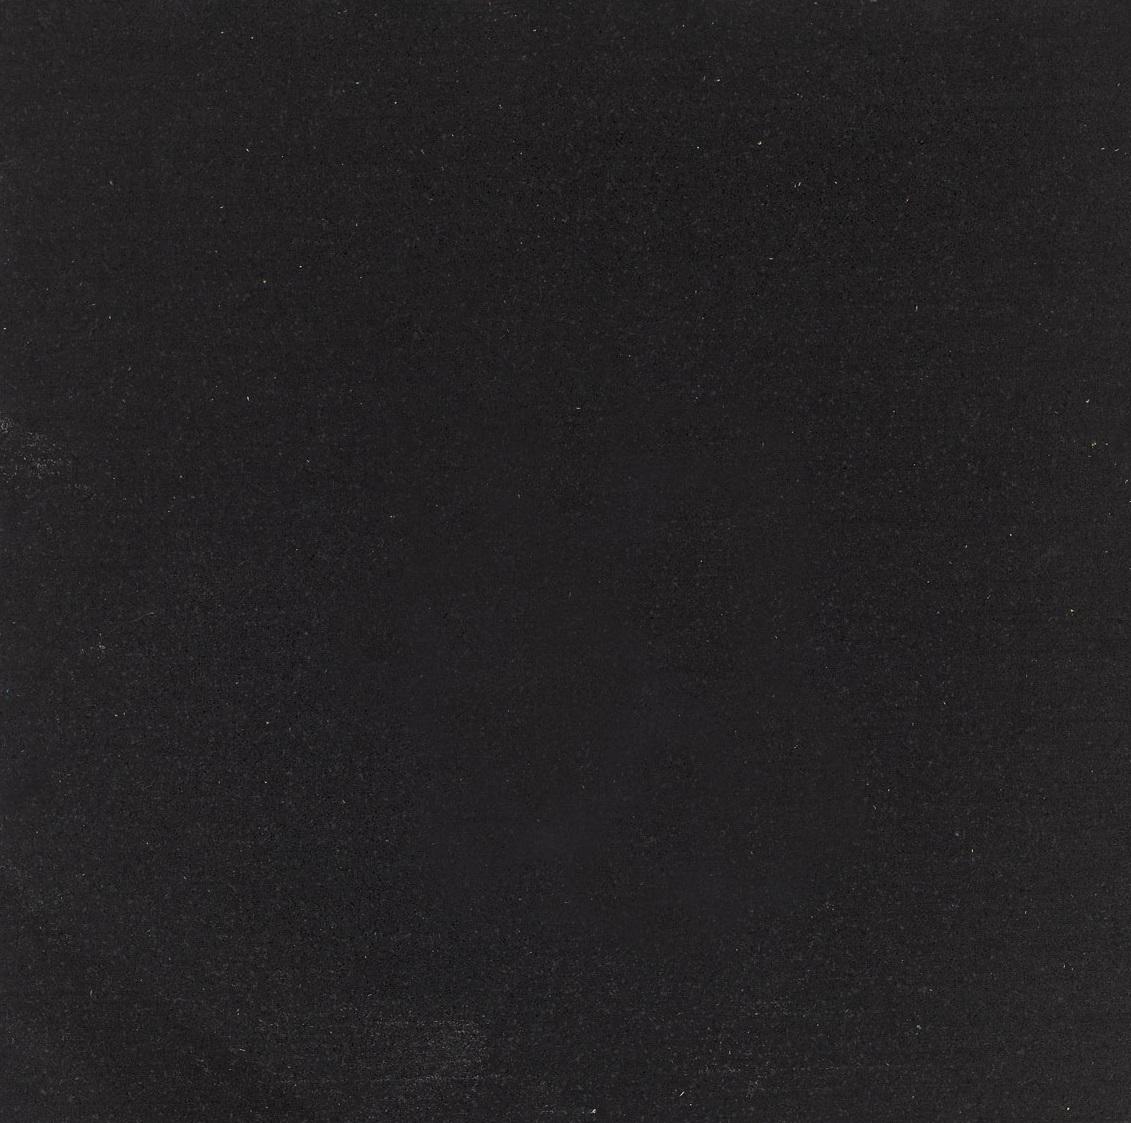 Sportovní gumová podlaha do fitness PROFI CF 10 mm černá